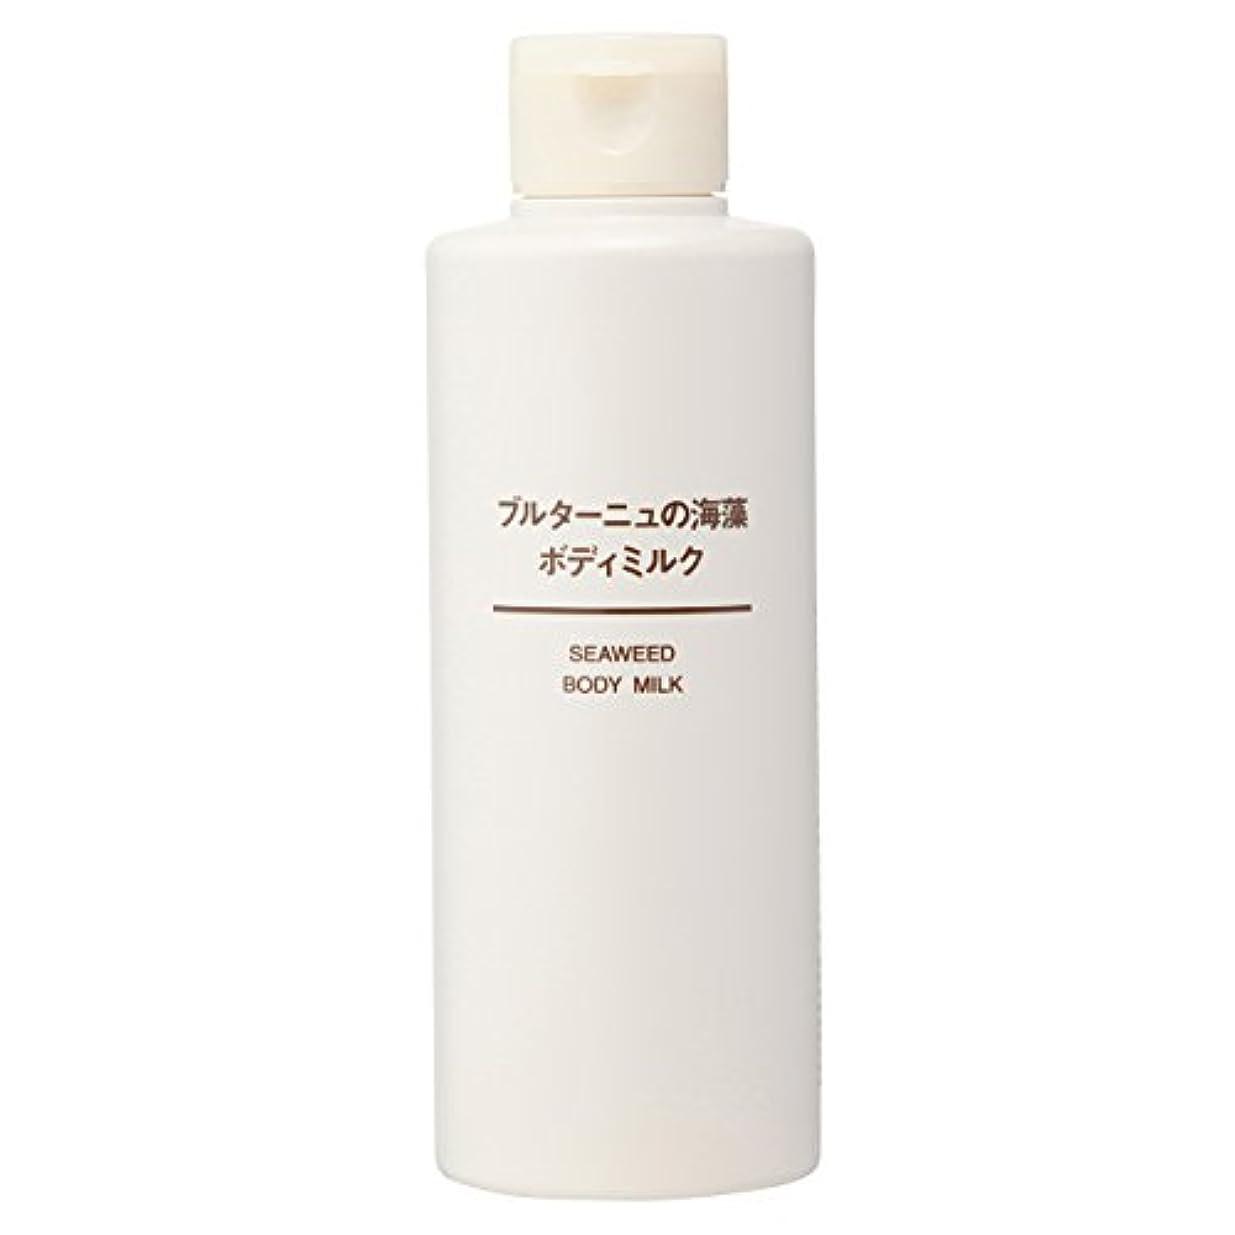 節約ようこそファーザーファージュ無印良品 ブルターニュの海藻 ボディミルク 200ml 日本製